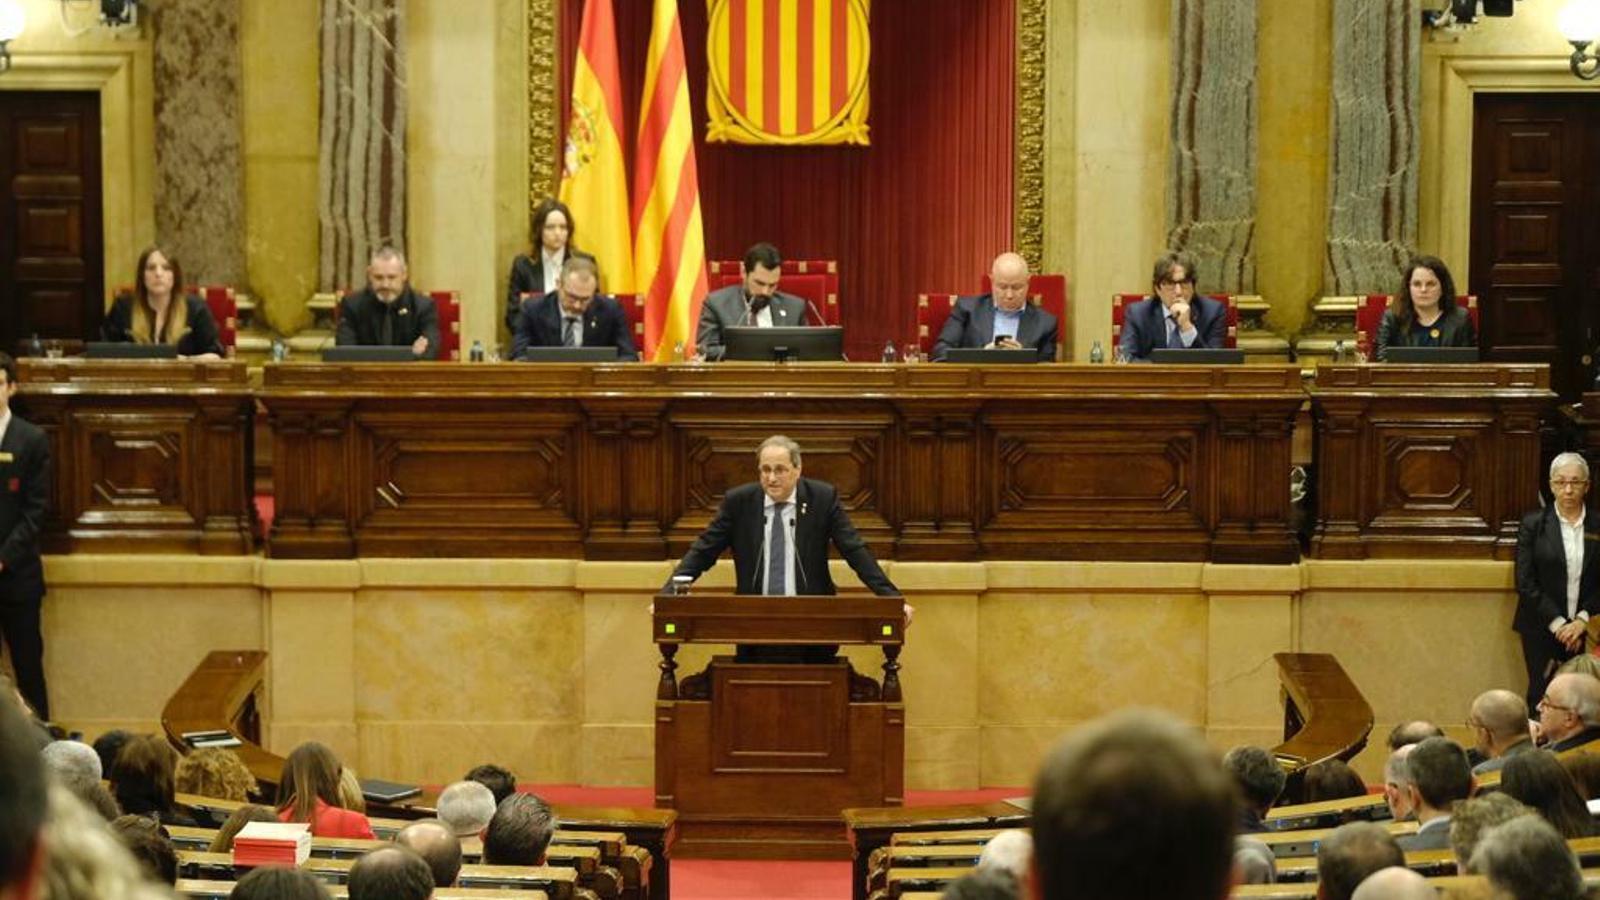 El Parlament reafirma Quim Torra com a president l'endemà de la resolució de la JEC